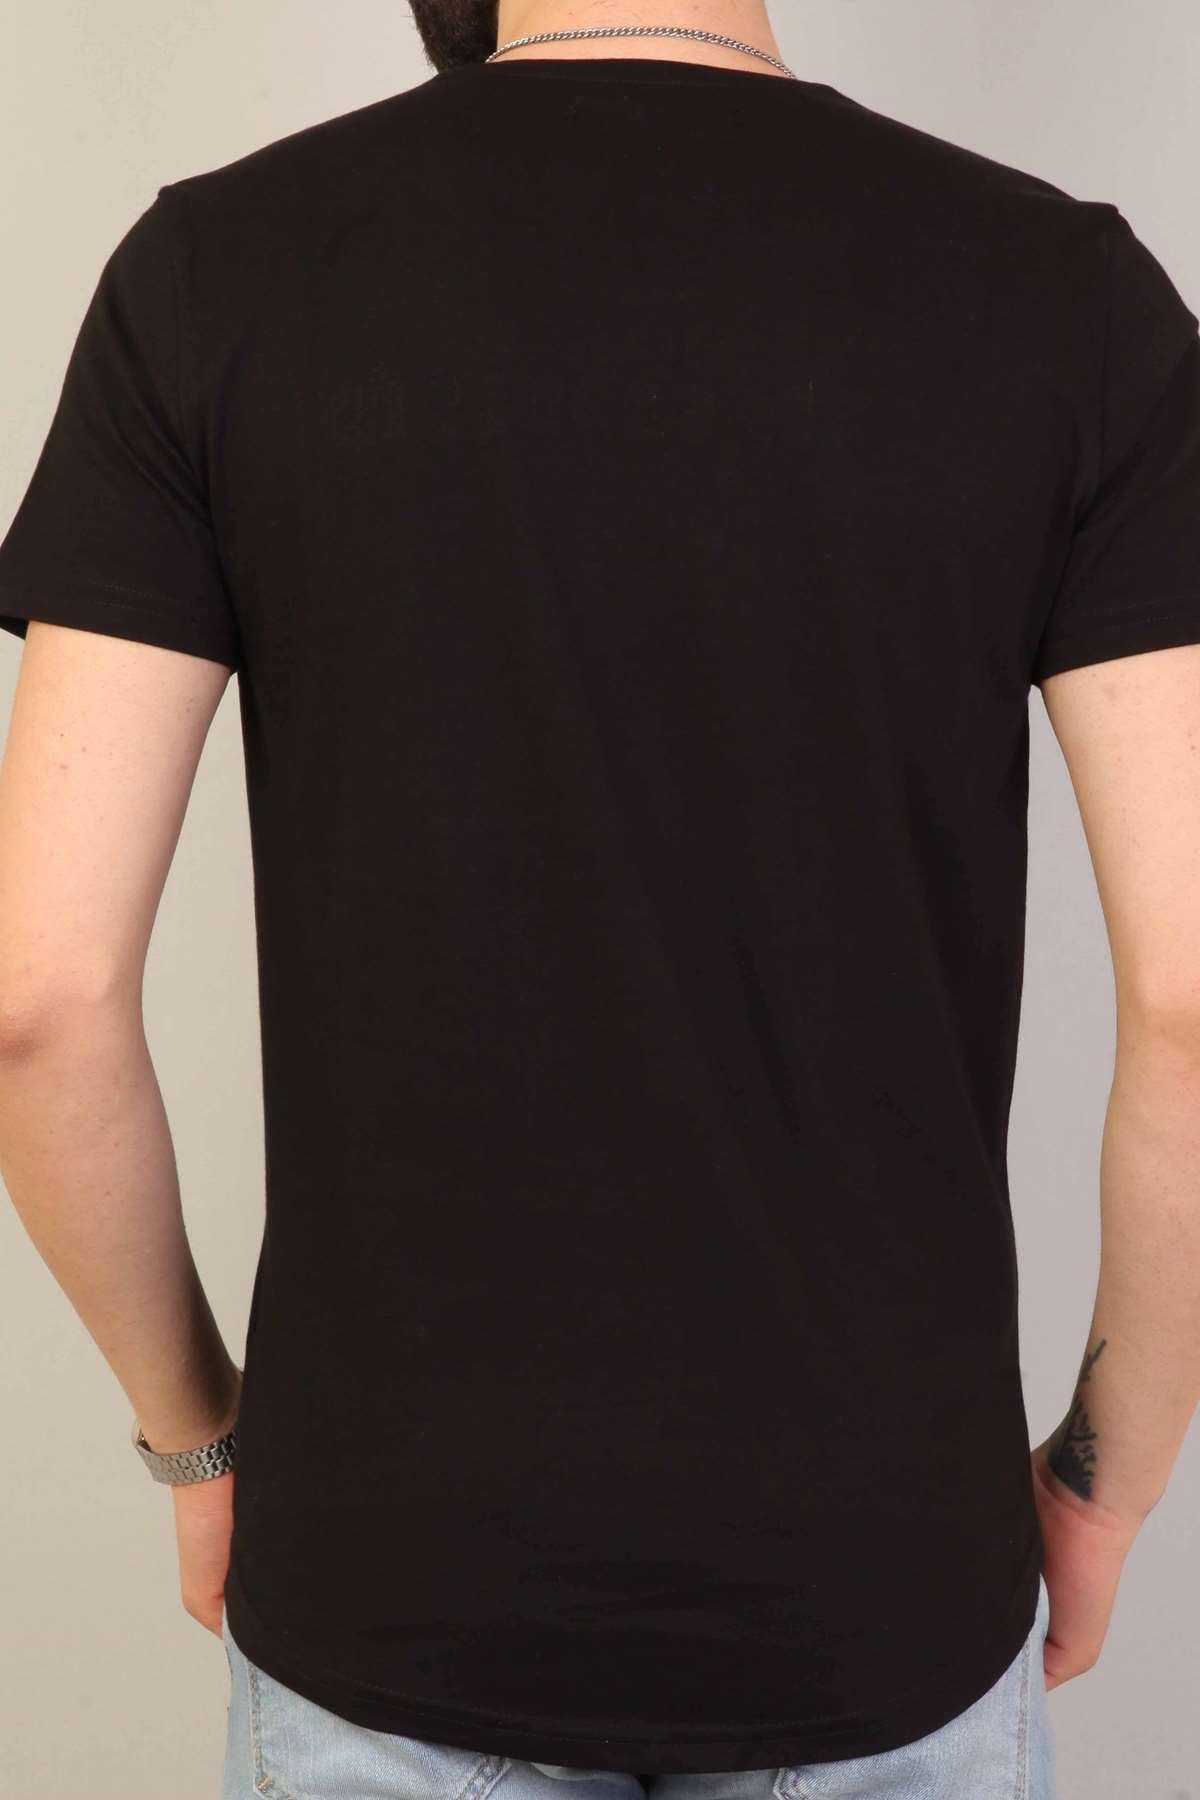 Kuru Kafa Baskılı Yazılı Sıfır Yaka Tişört Siyah